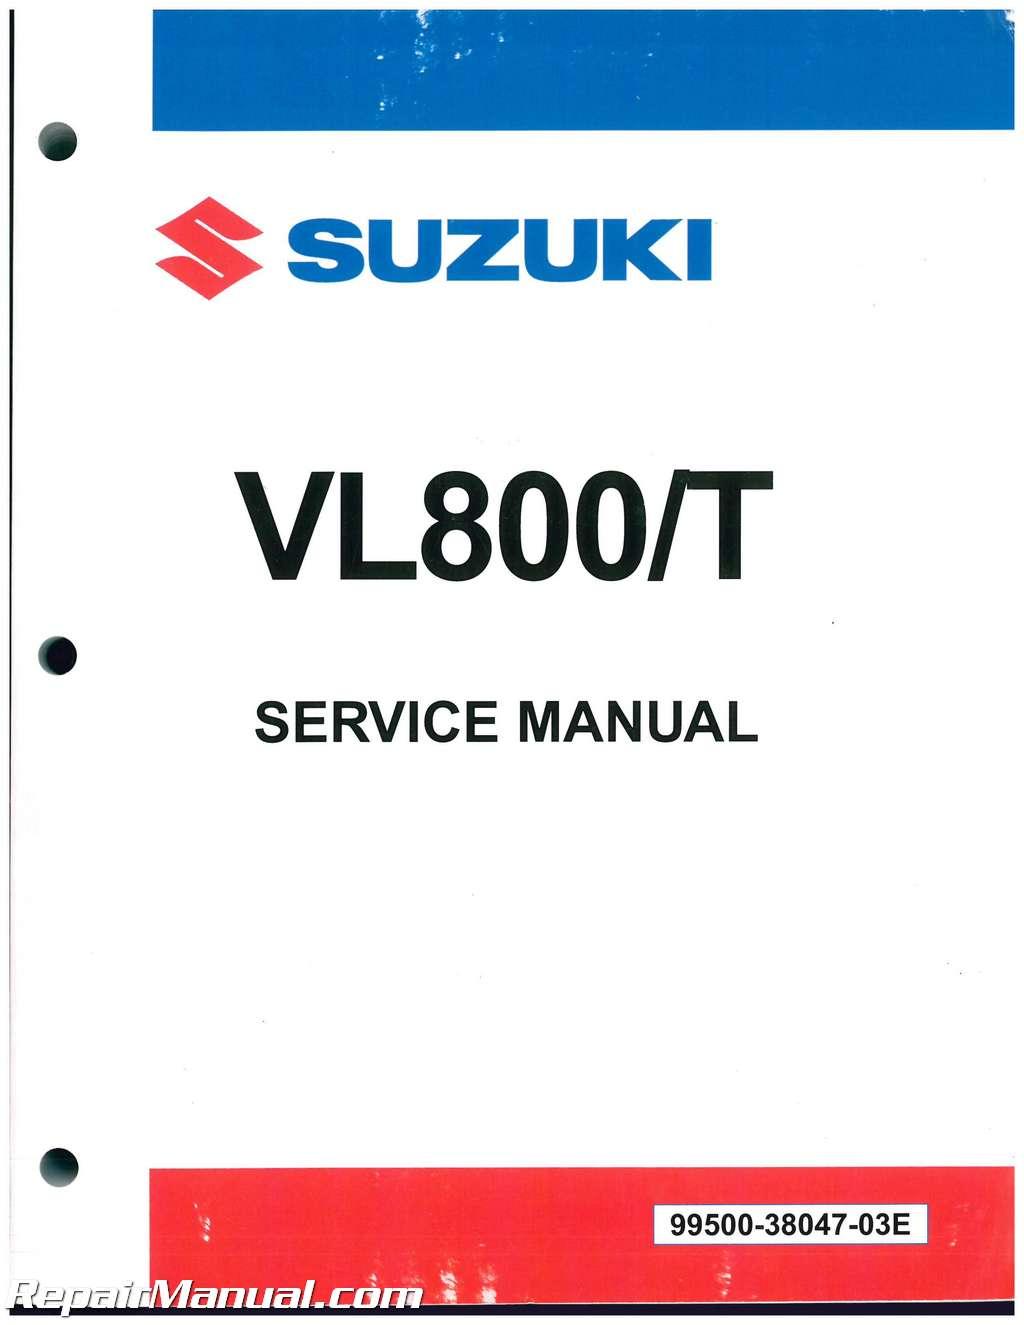 2001 suzuki marauder 800 service manual